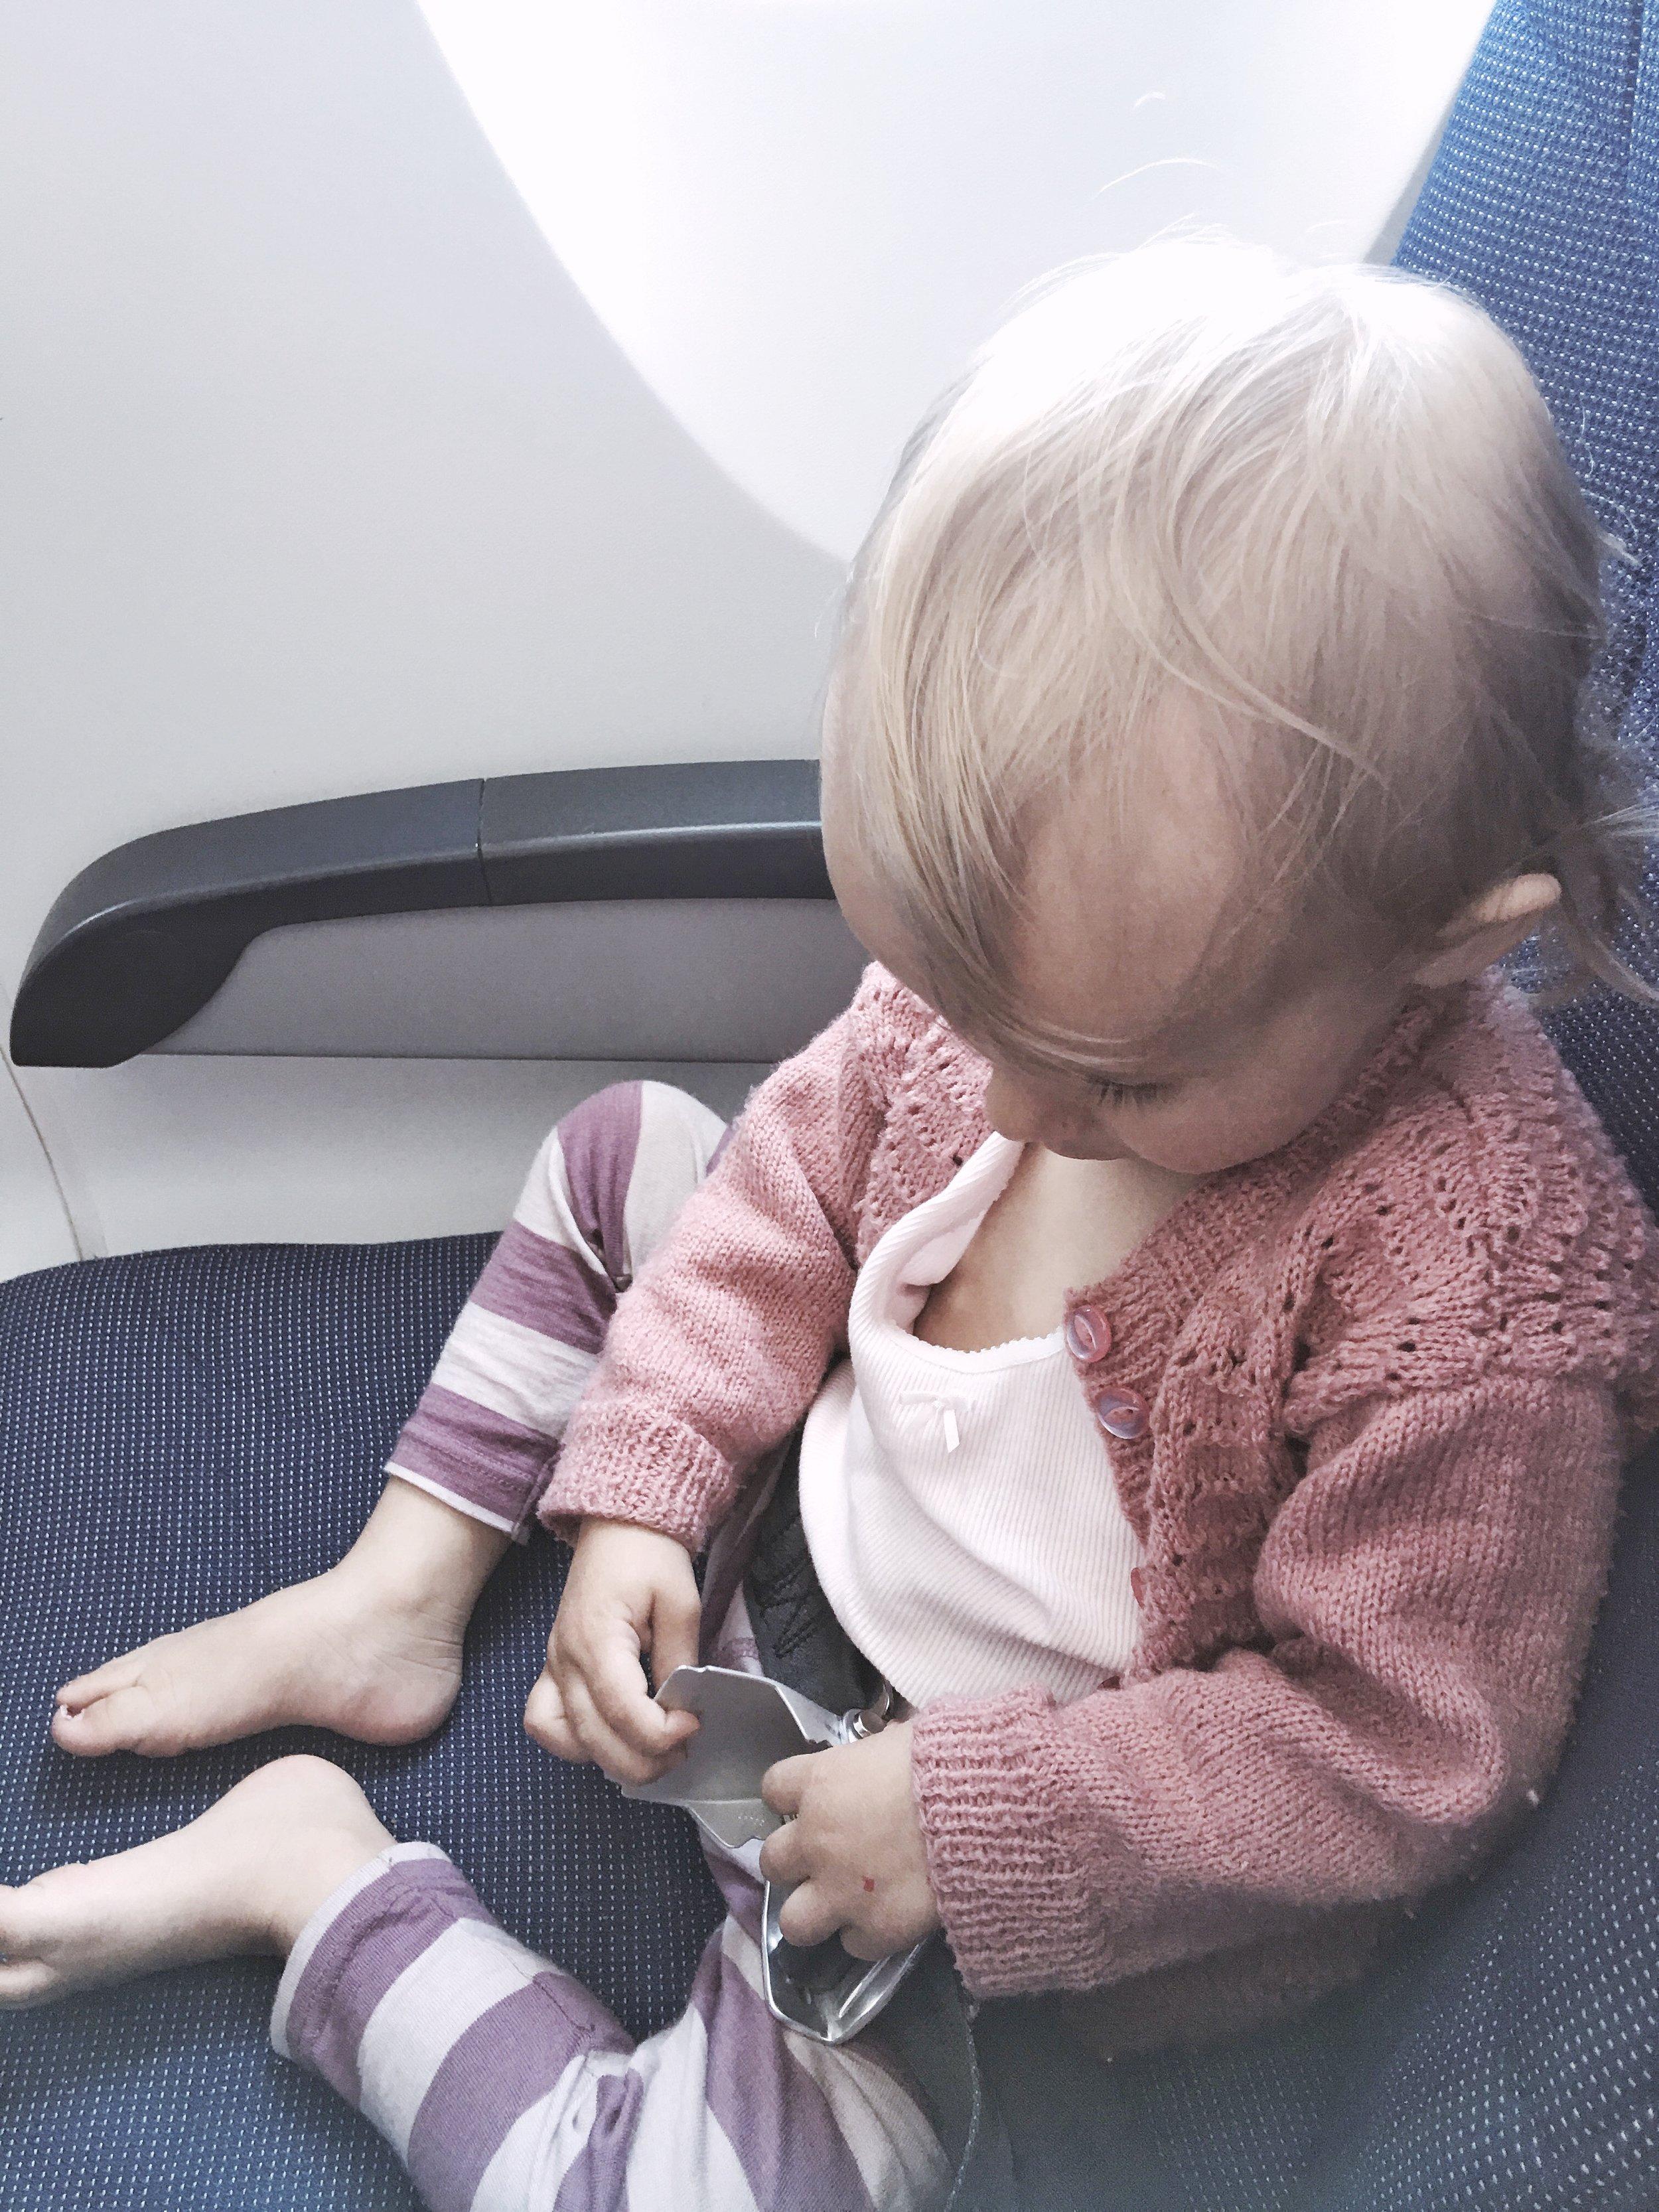 flyve alene julieag.dk julie ag blog expat børn